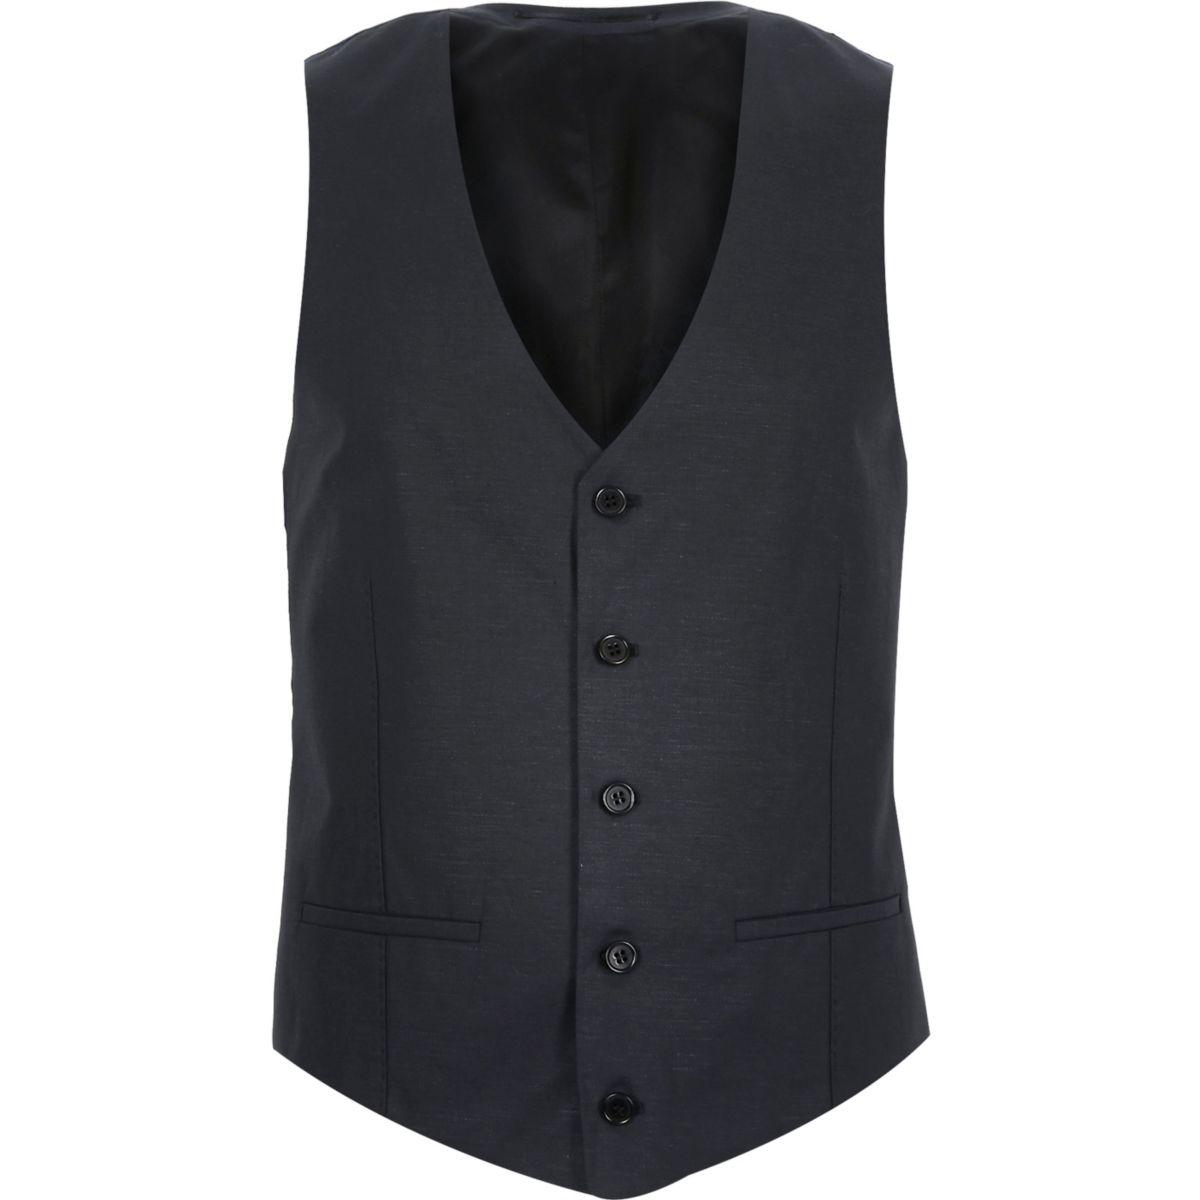 Navy linen-blend suit vest